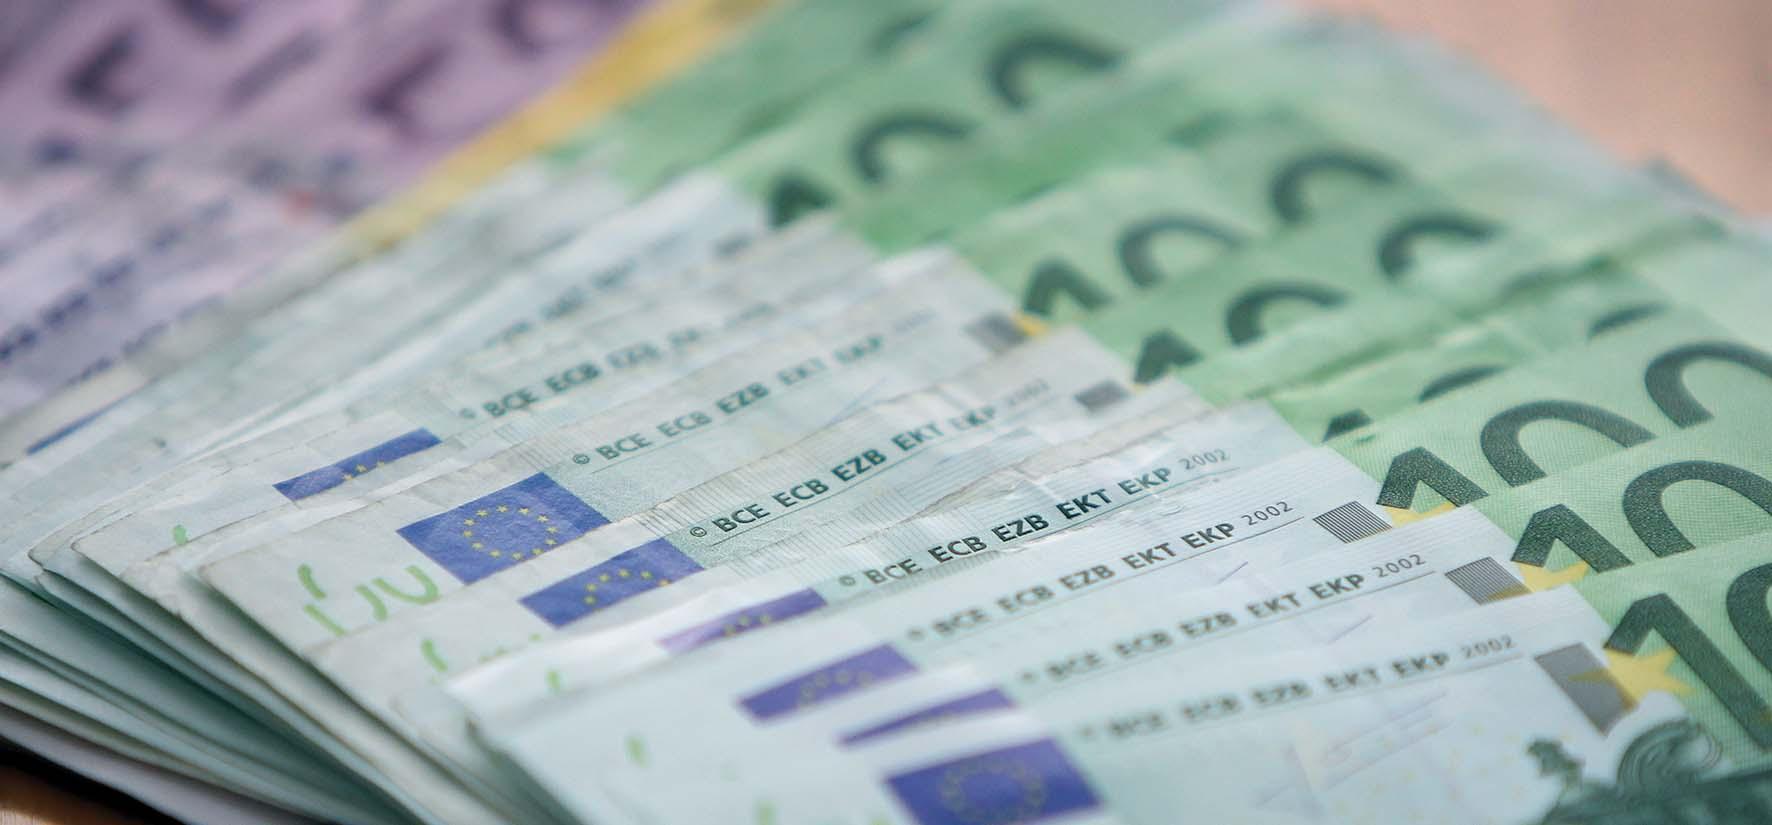 revisione della spesa soldi euro biglietti B